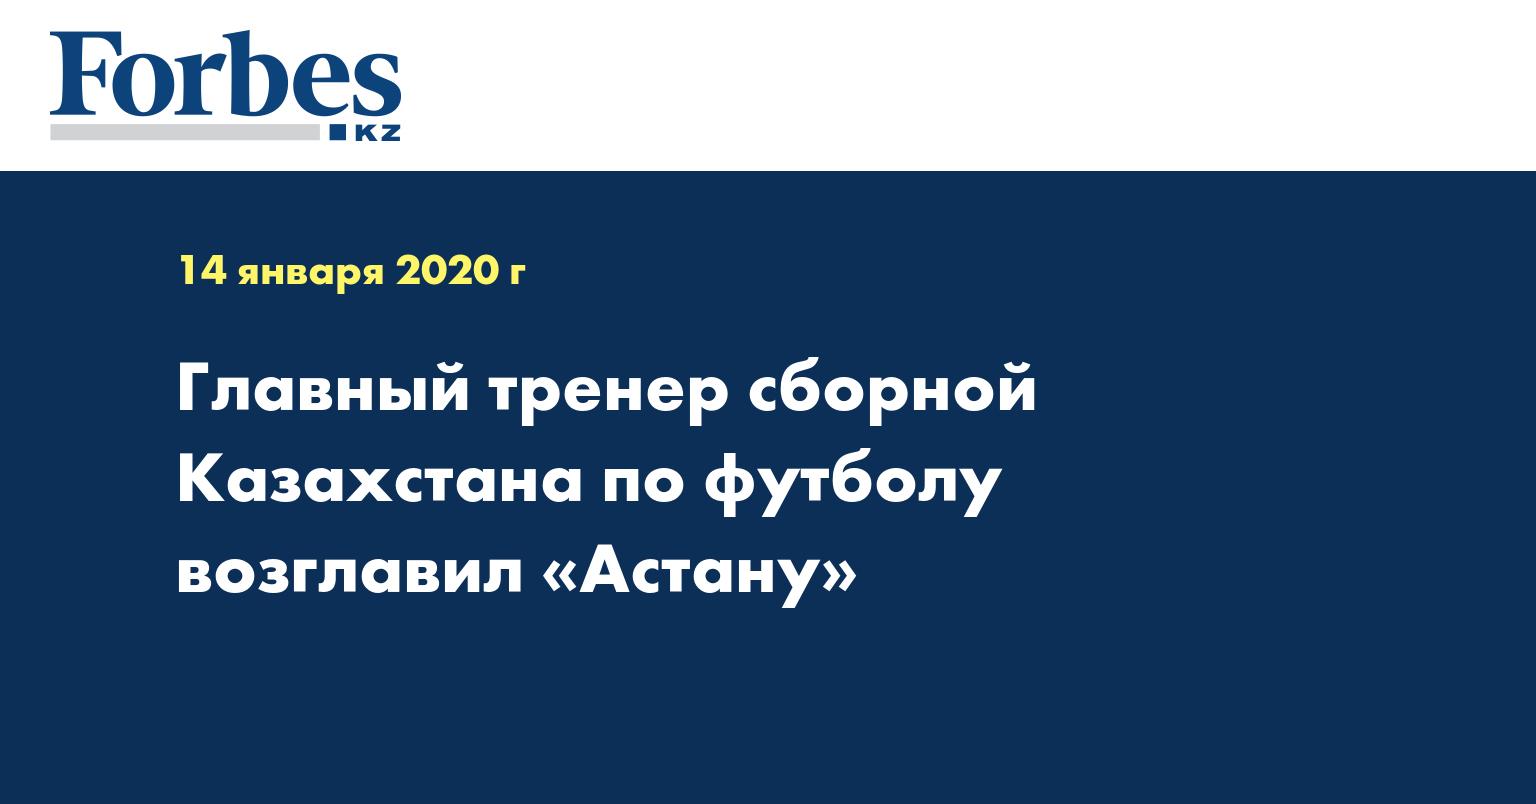 Главный тренер сборной Казахстана по футболу возглавил «Астану»